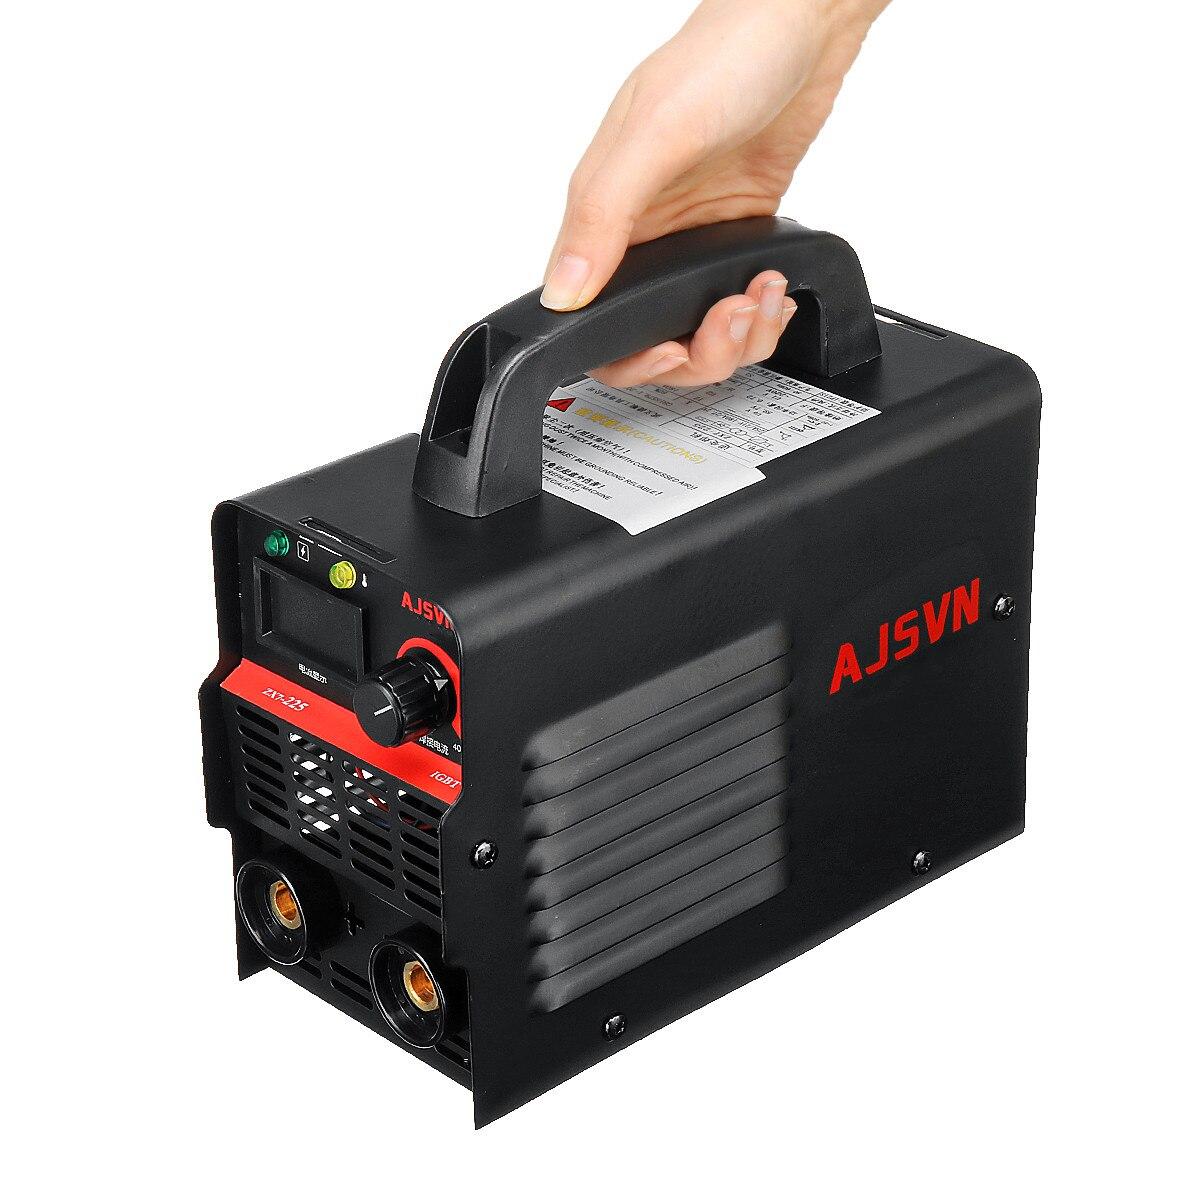 Новый 220V Регулируемый 20A-225A 4200W ручной IGBT инвертор дуговой сварочный аппарат цифровой дисплей мини портативный сварочный инструмент